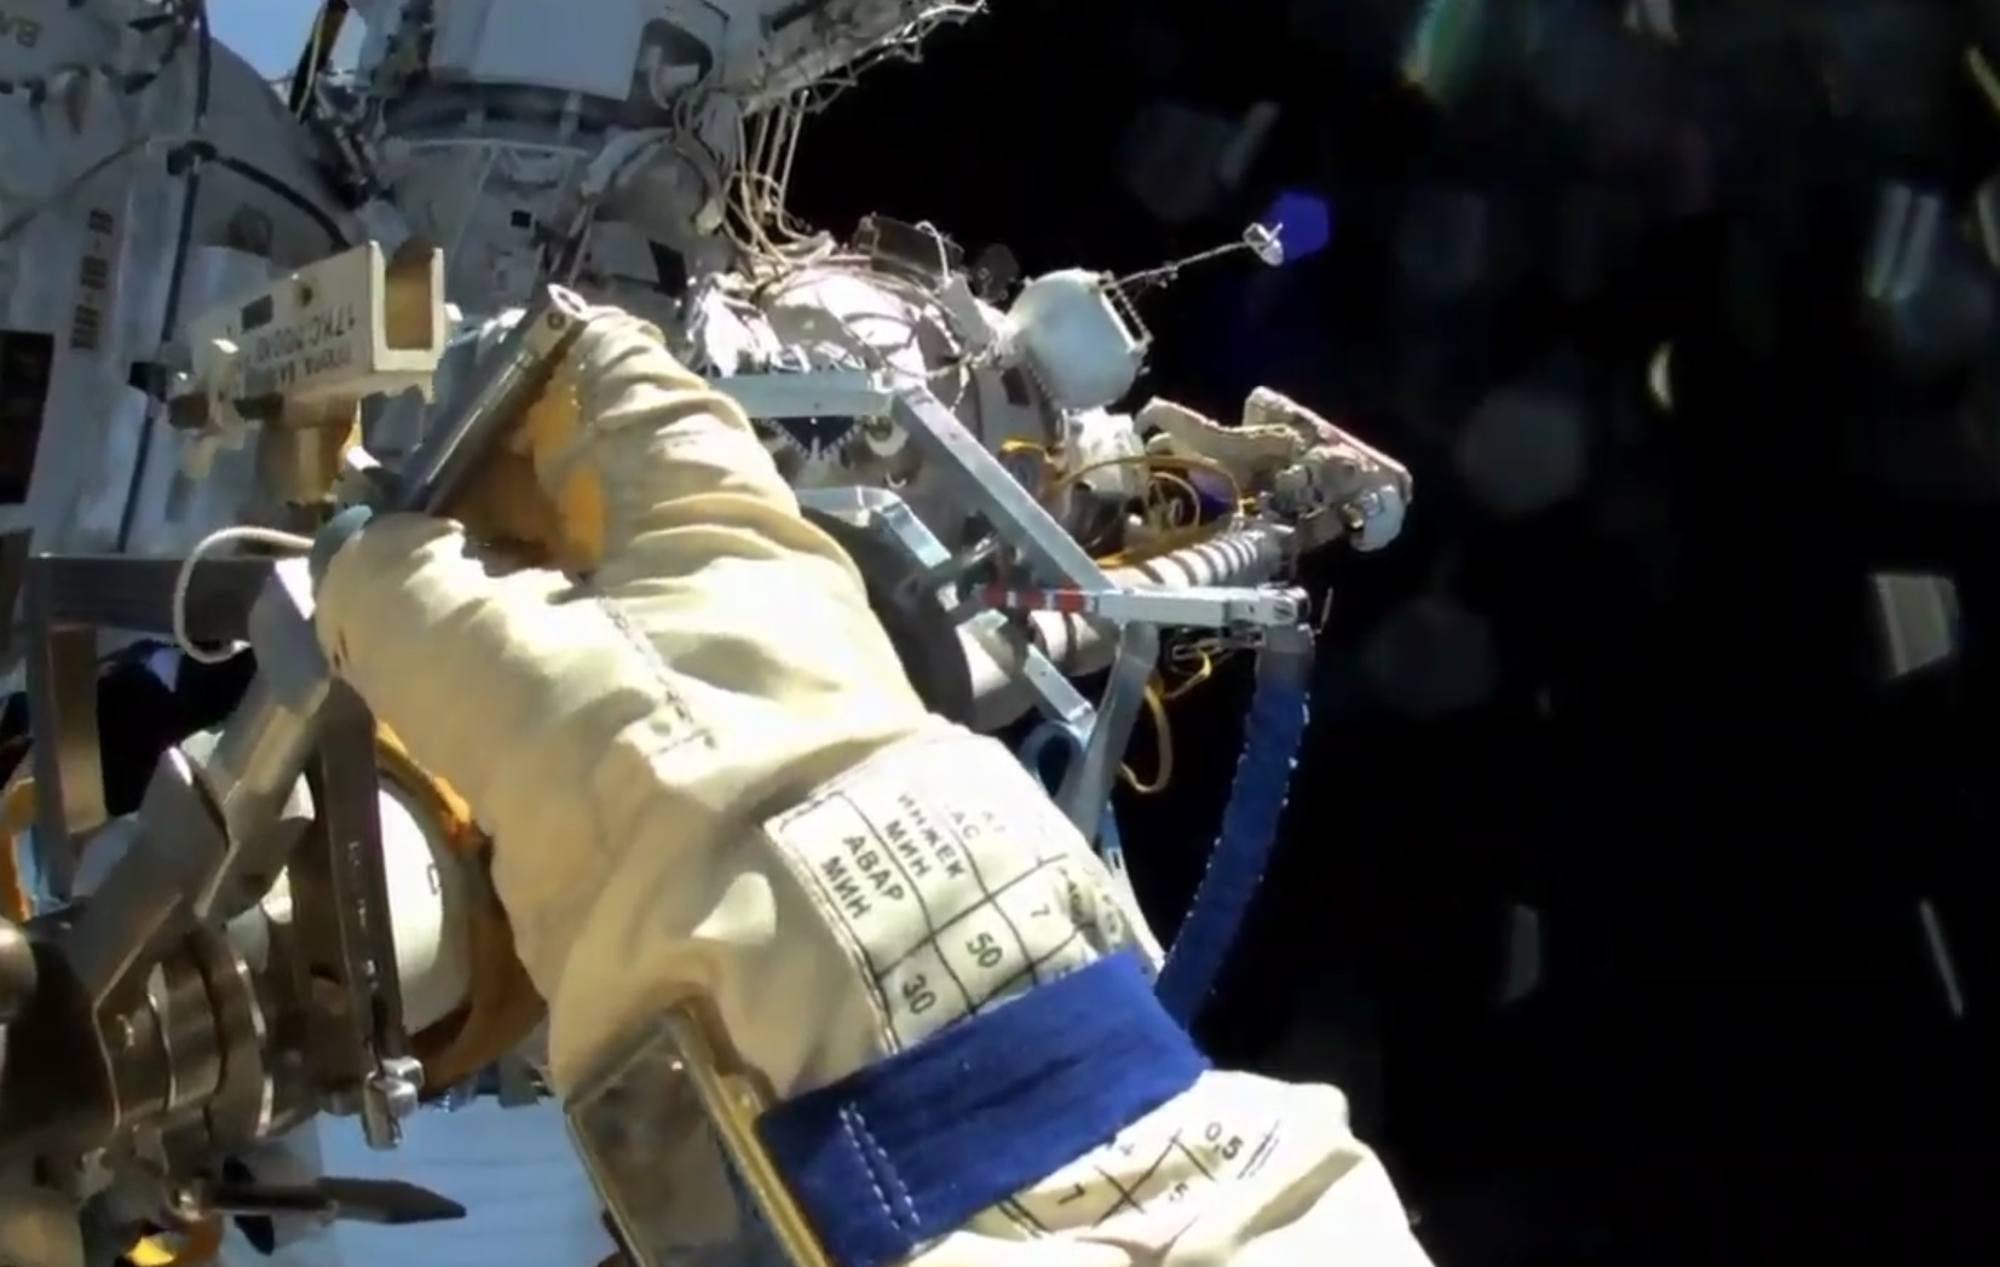 Rétraction du bras manipulateur Strela (Il gènerait l'arrivée du module Naouka).